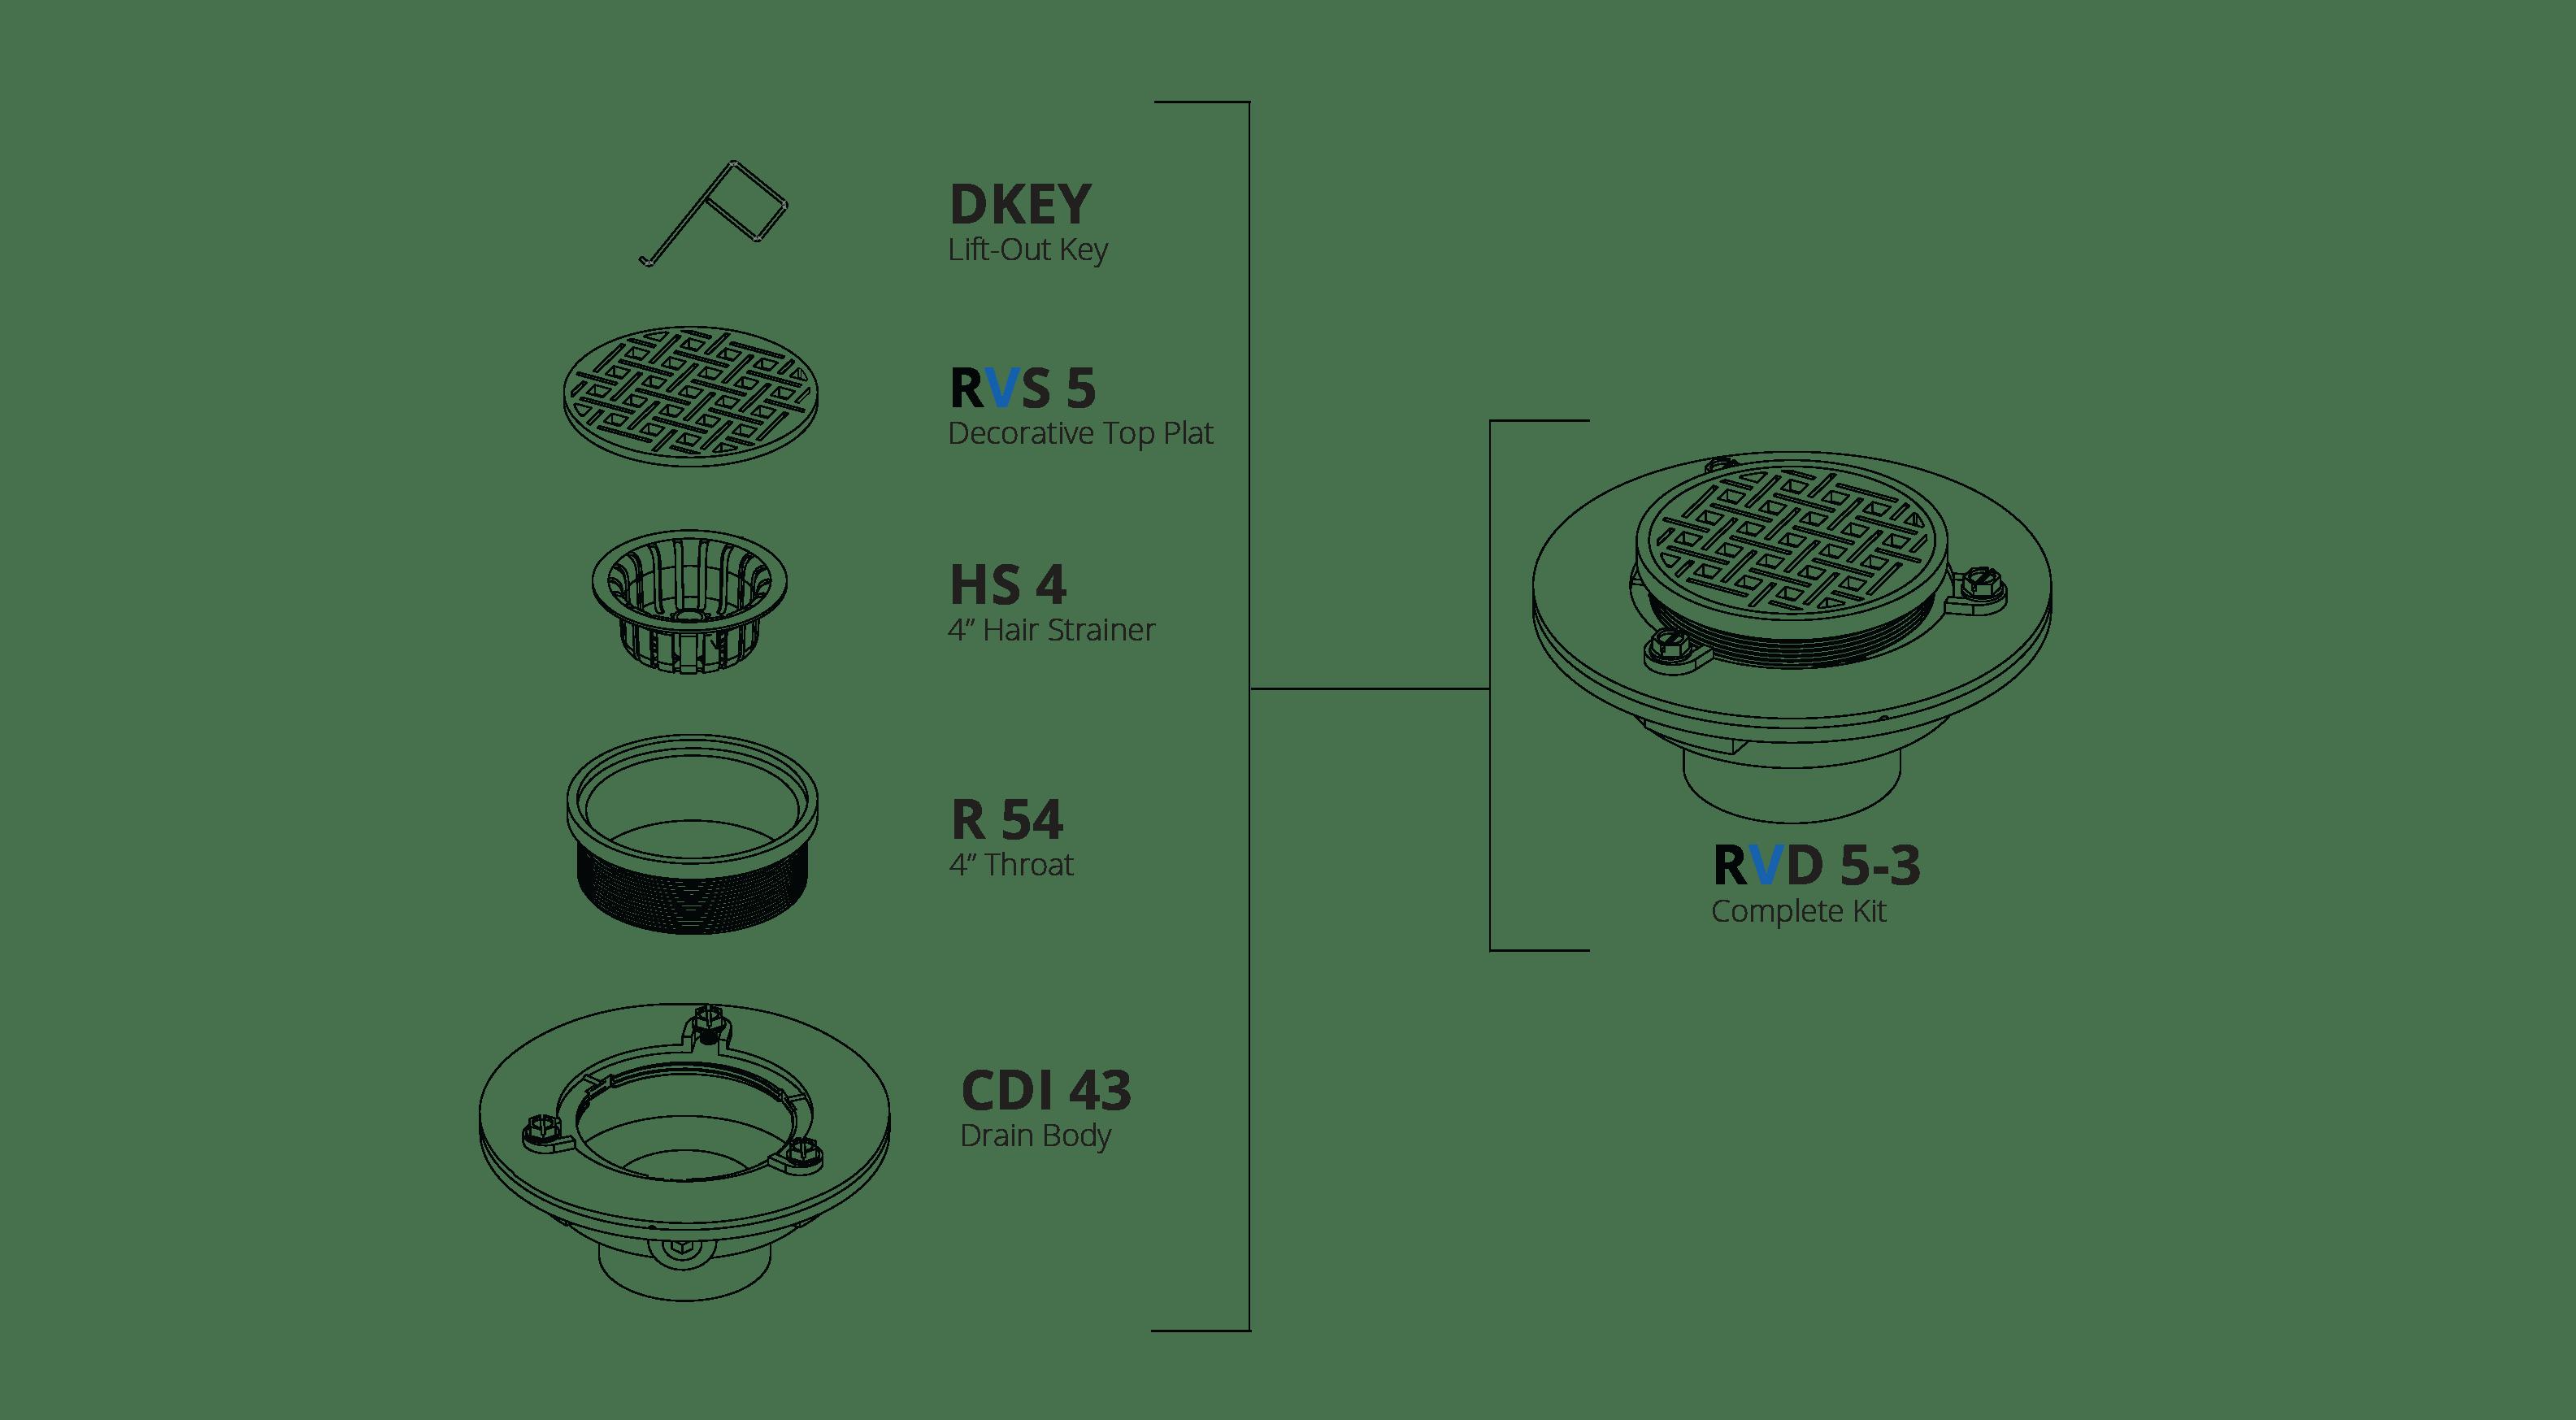 Weave Rvd 5 3 5x5 High Flow Kit